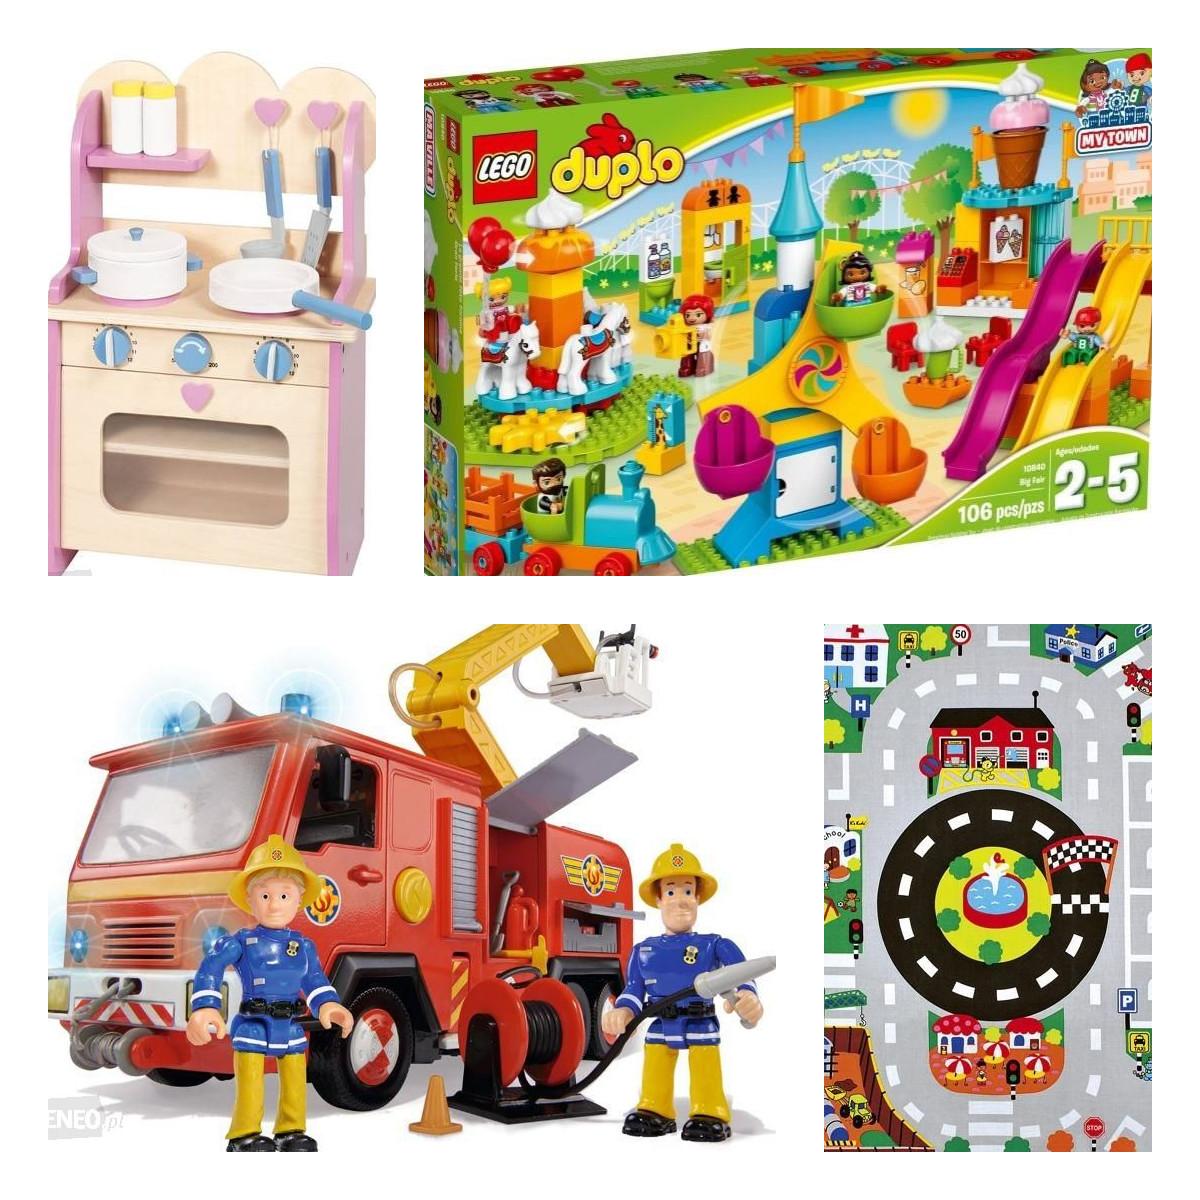 Groovy Zabawki dla 3-latka. Pomysł na prezent dla trzylatka - Mjakmama.pl OK03